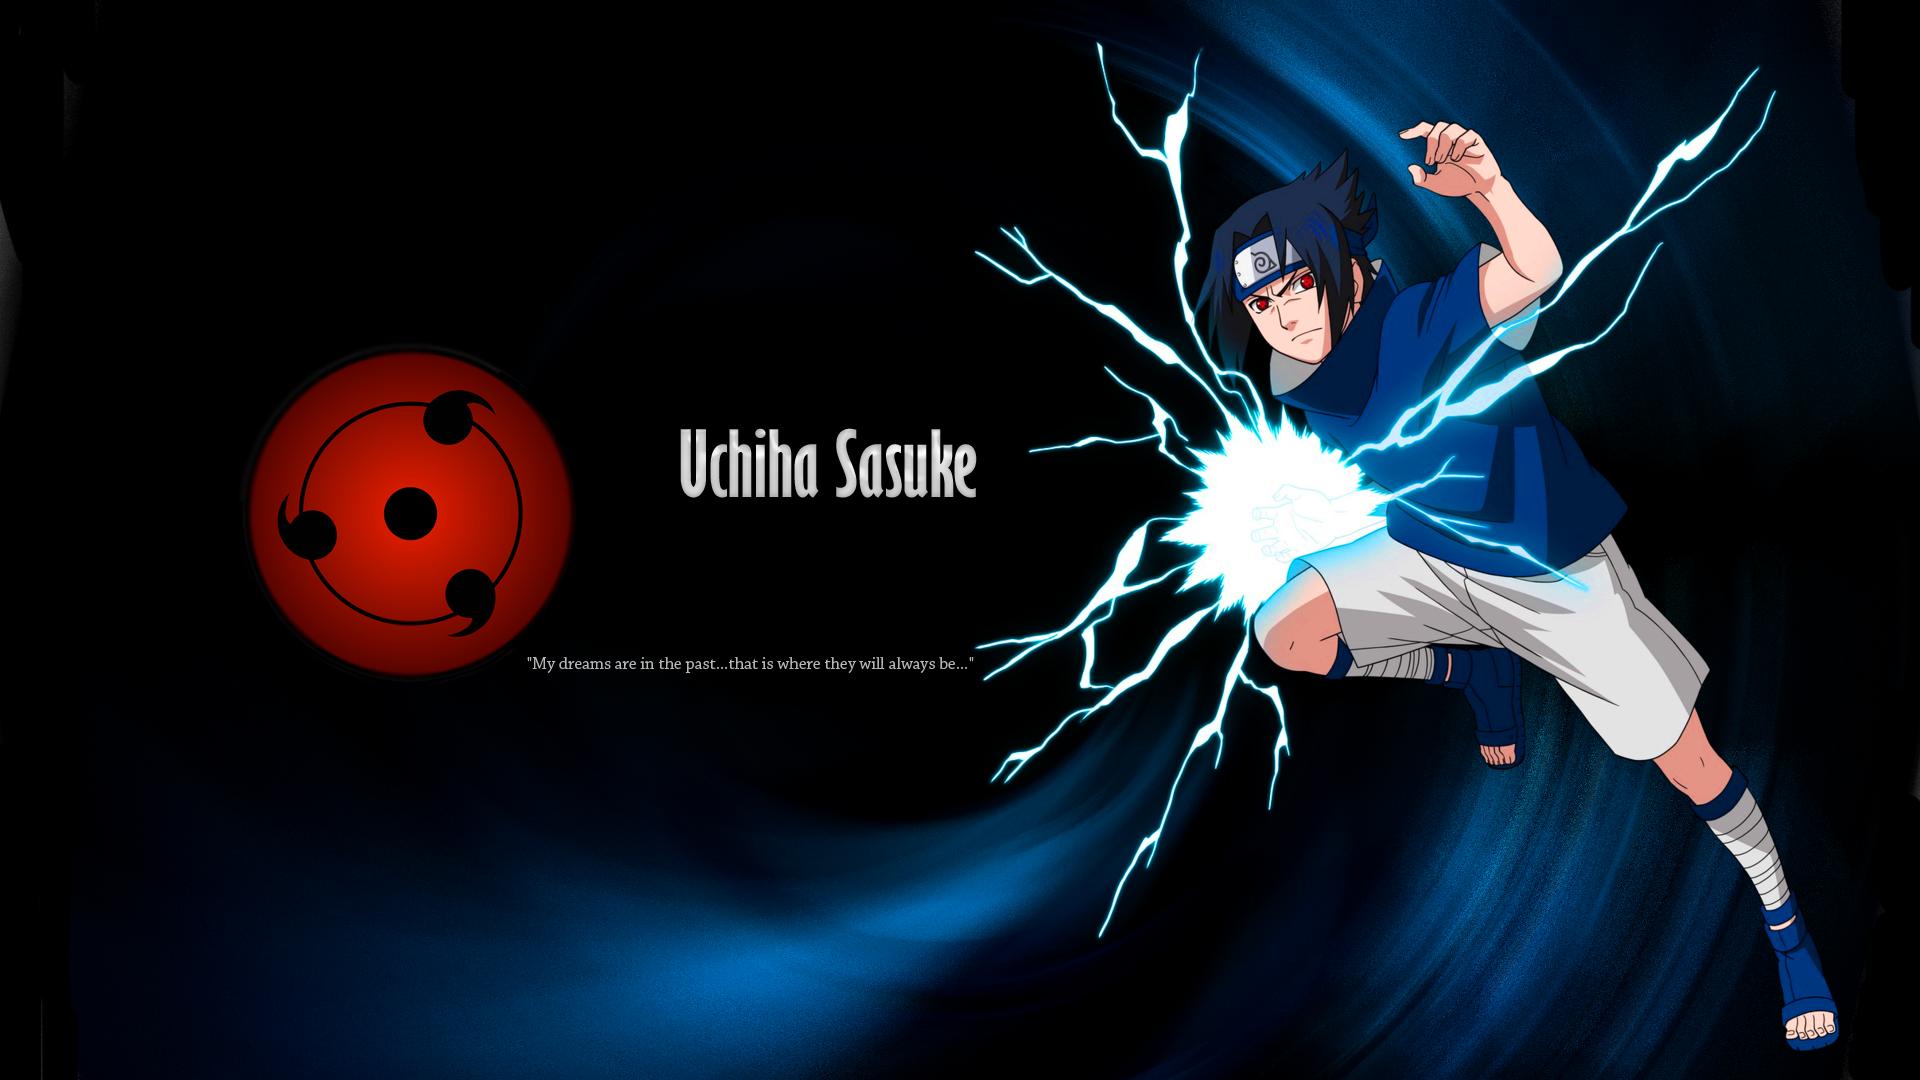 74 Naruto And Sasuke Wallpaper On Wallpapersafari